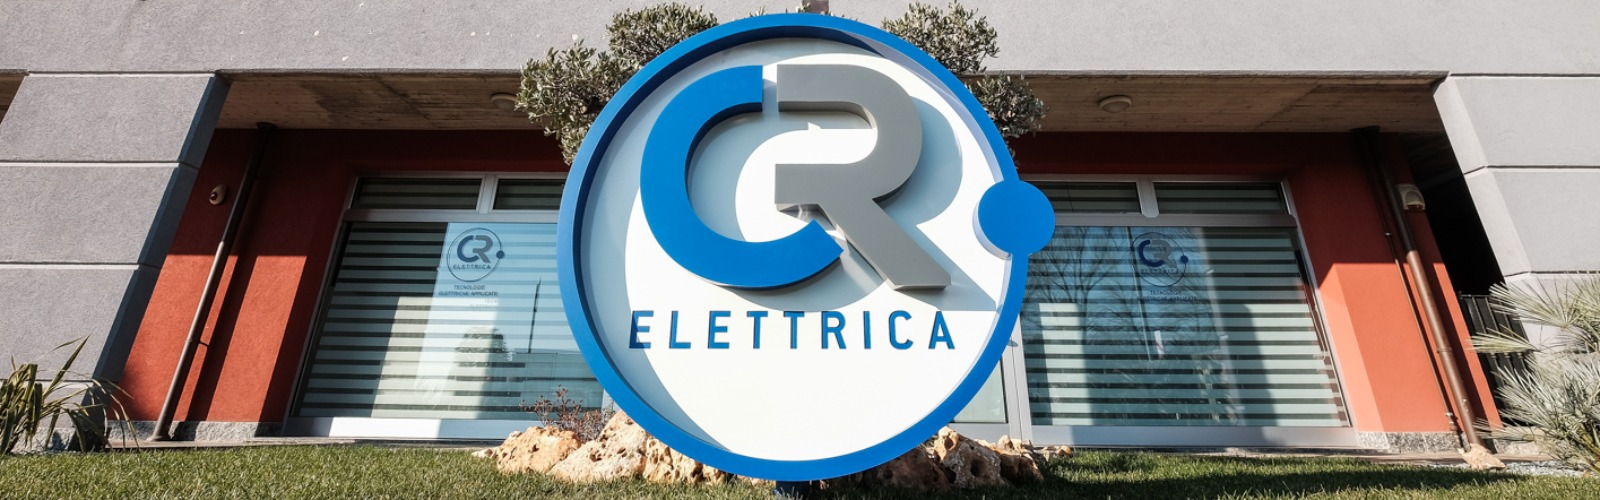 C.R. Elettrica S.r.l. | impianti elettrici industriali Bergamo e provincia